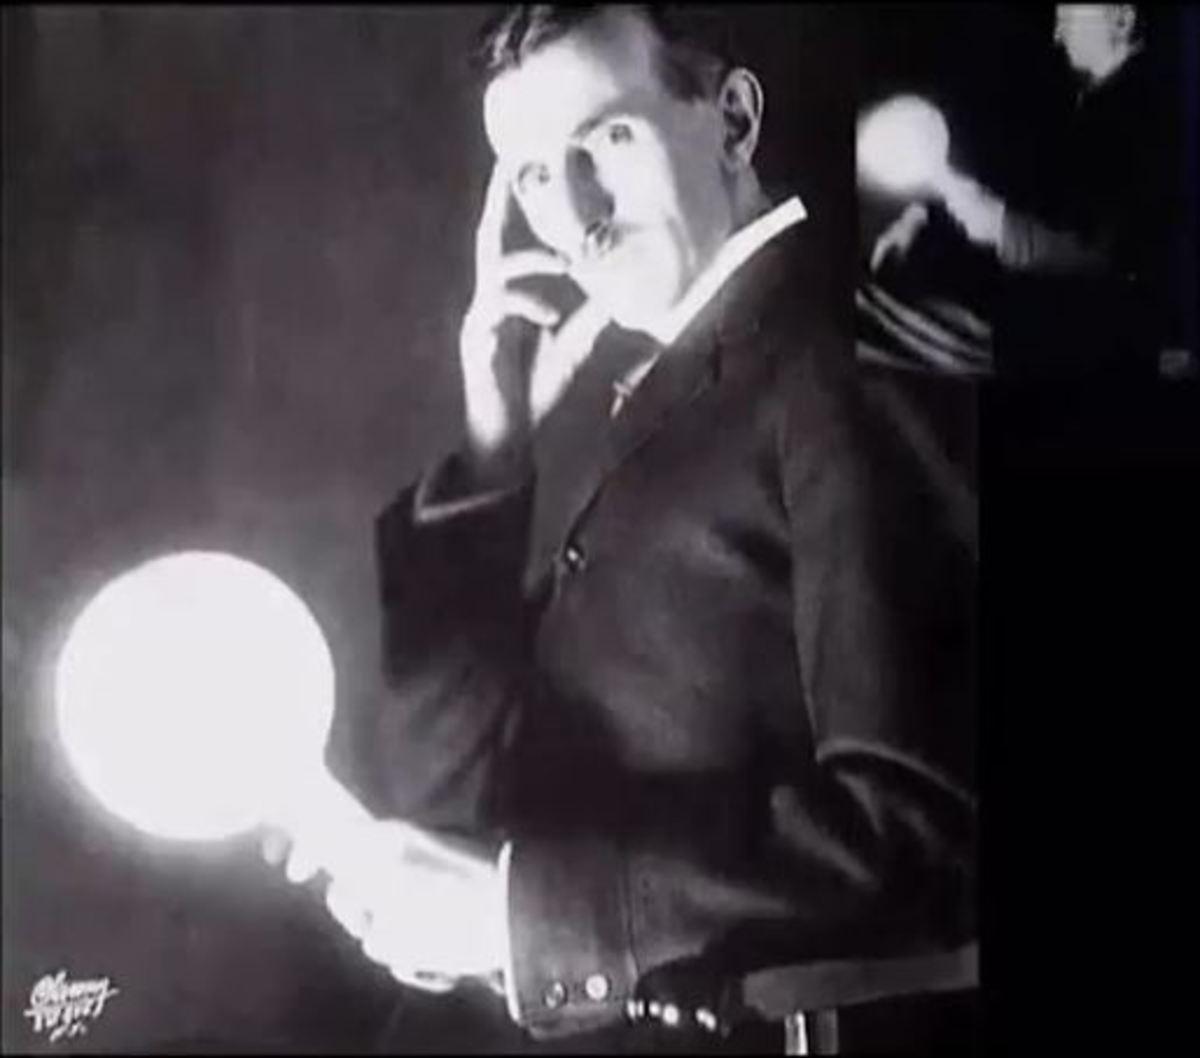 Nikolai Tesla transmitting AC current through his body illuminating a light bulb.